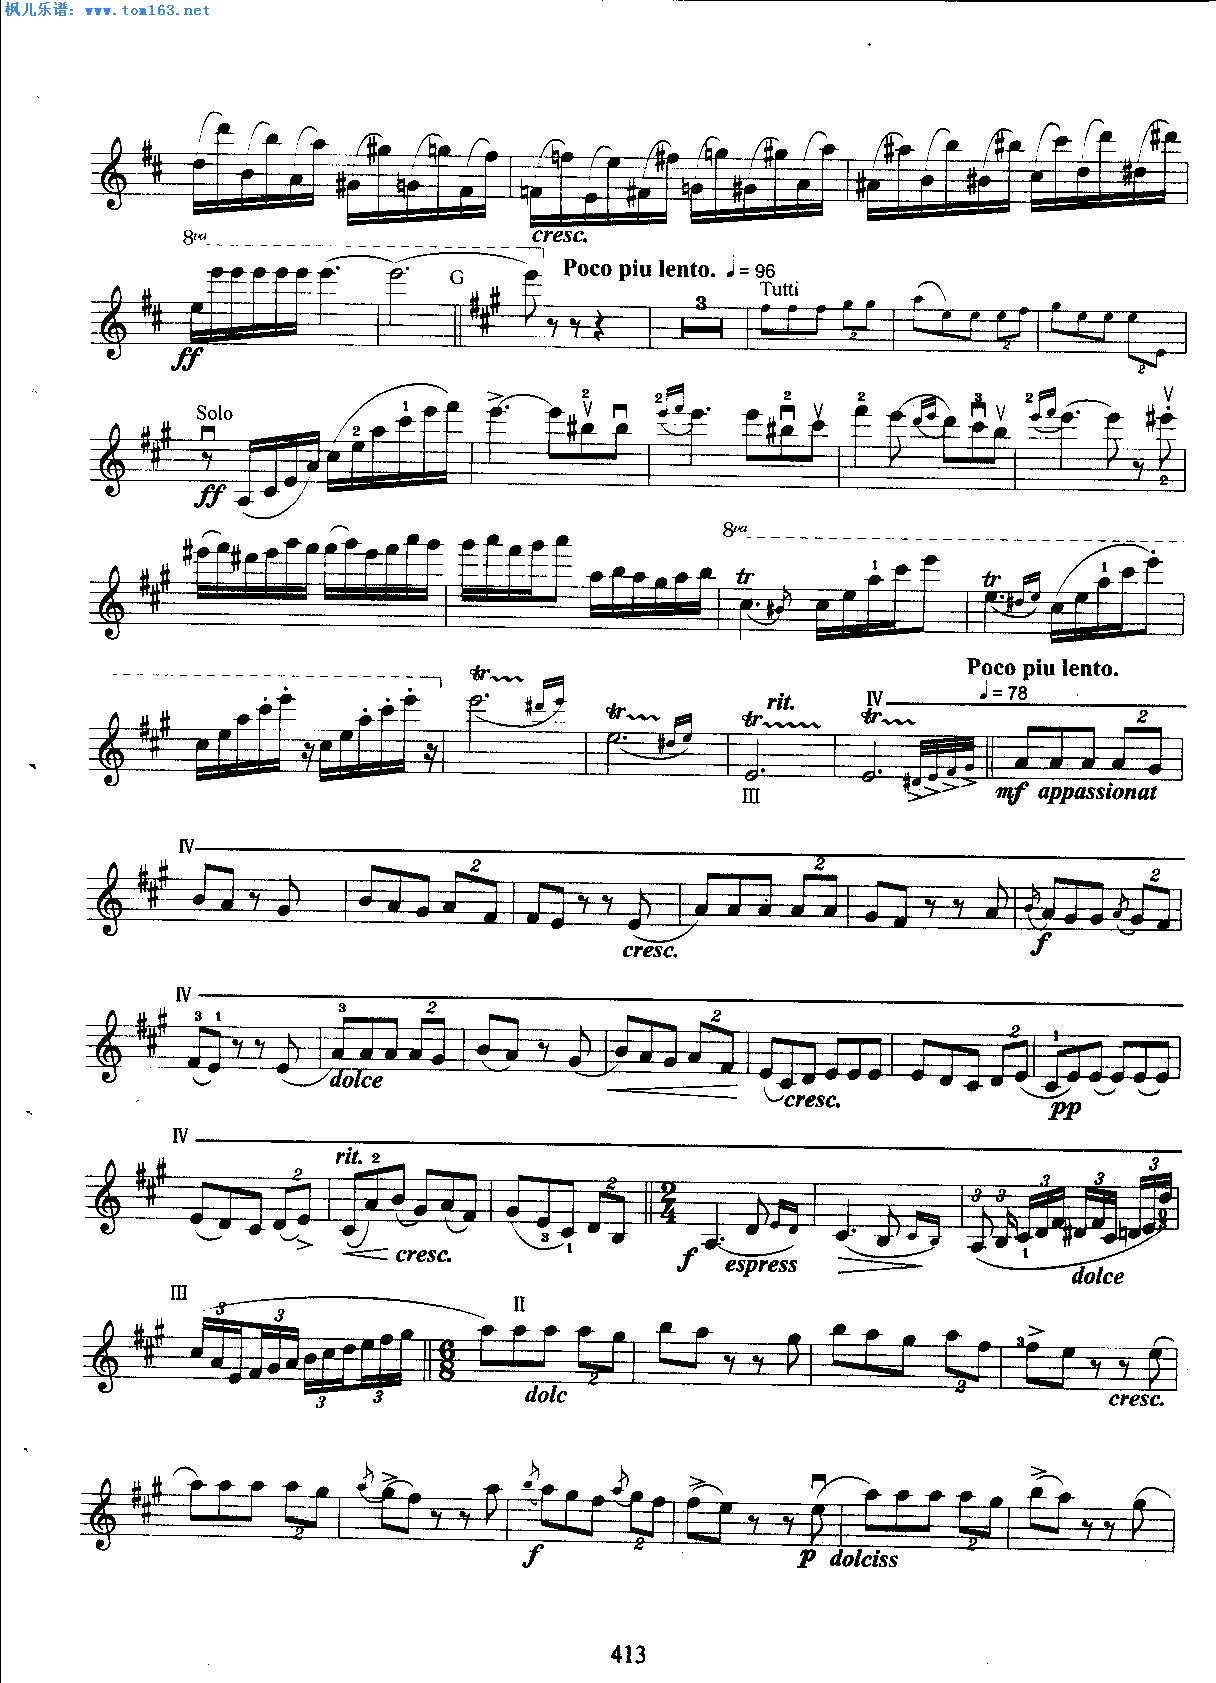 交响乐乐器总谱-拉罗西班牙交响曲第五乐章 小提琴谱